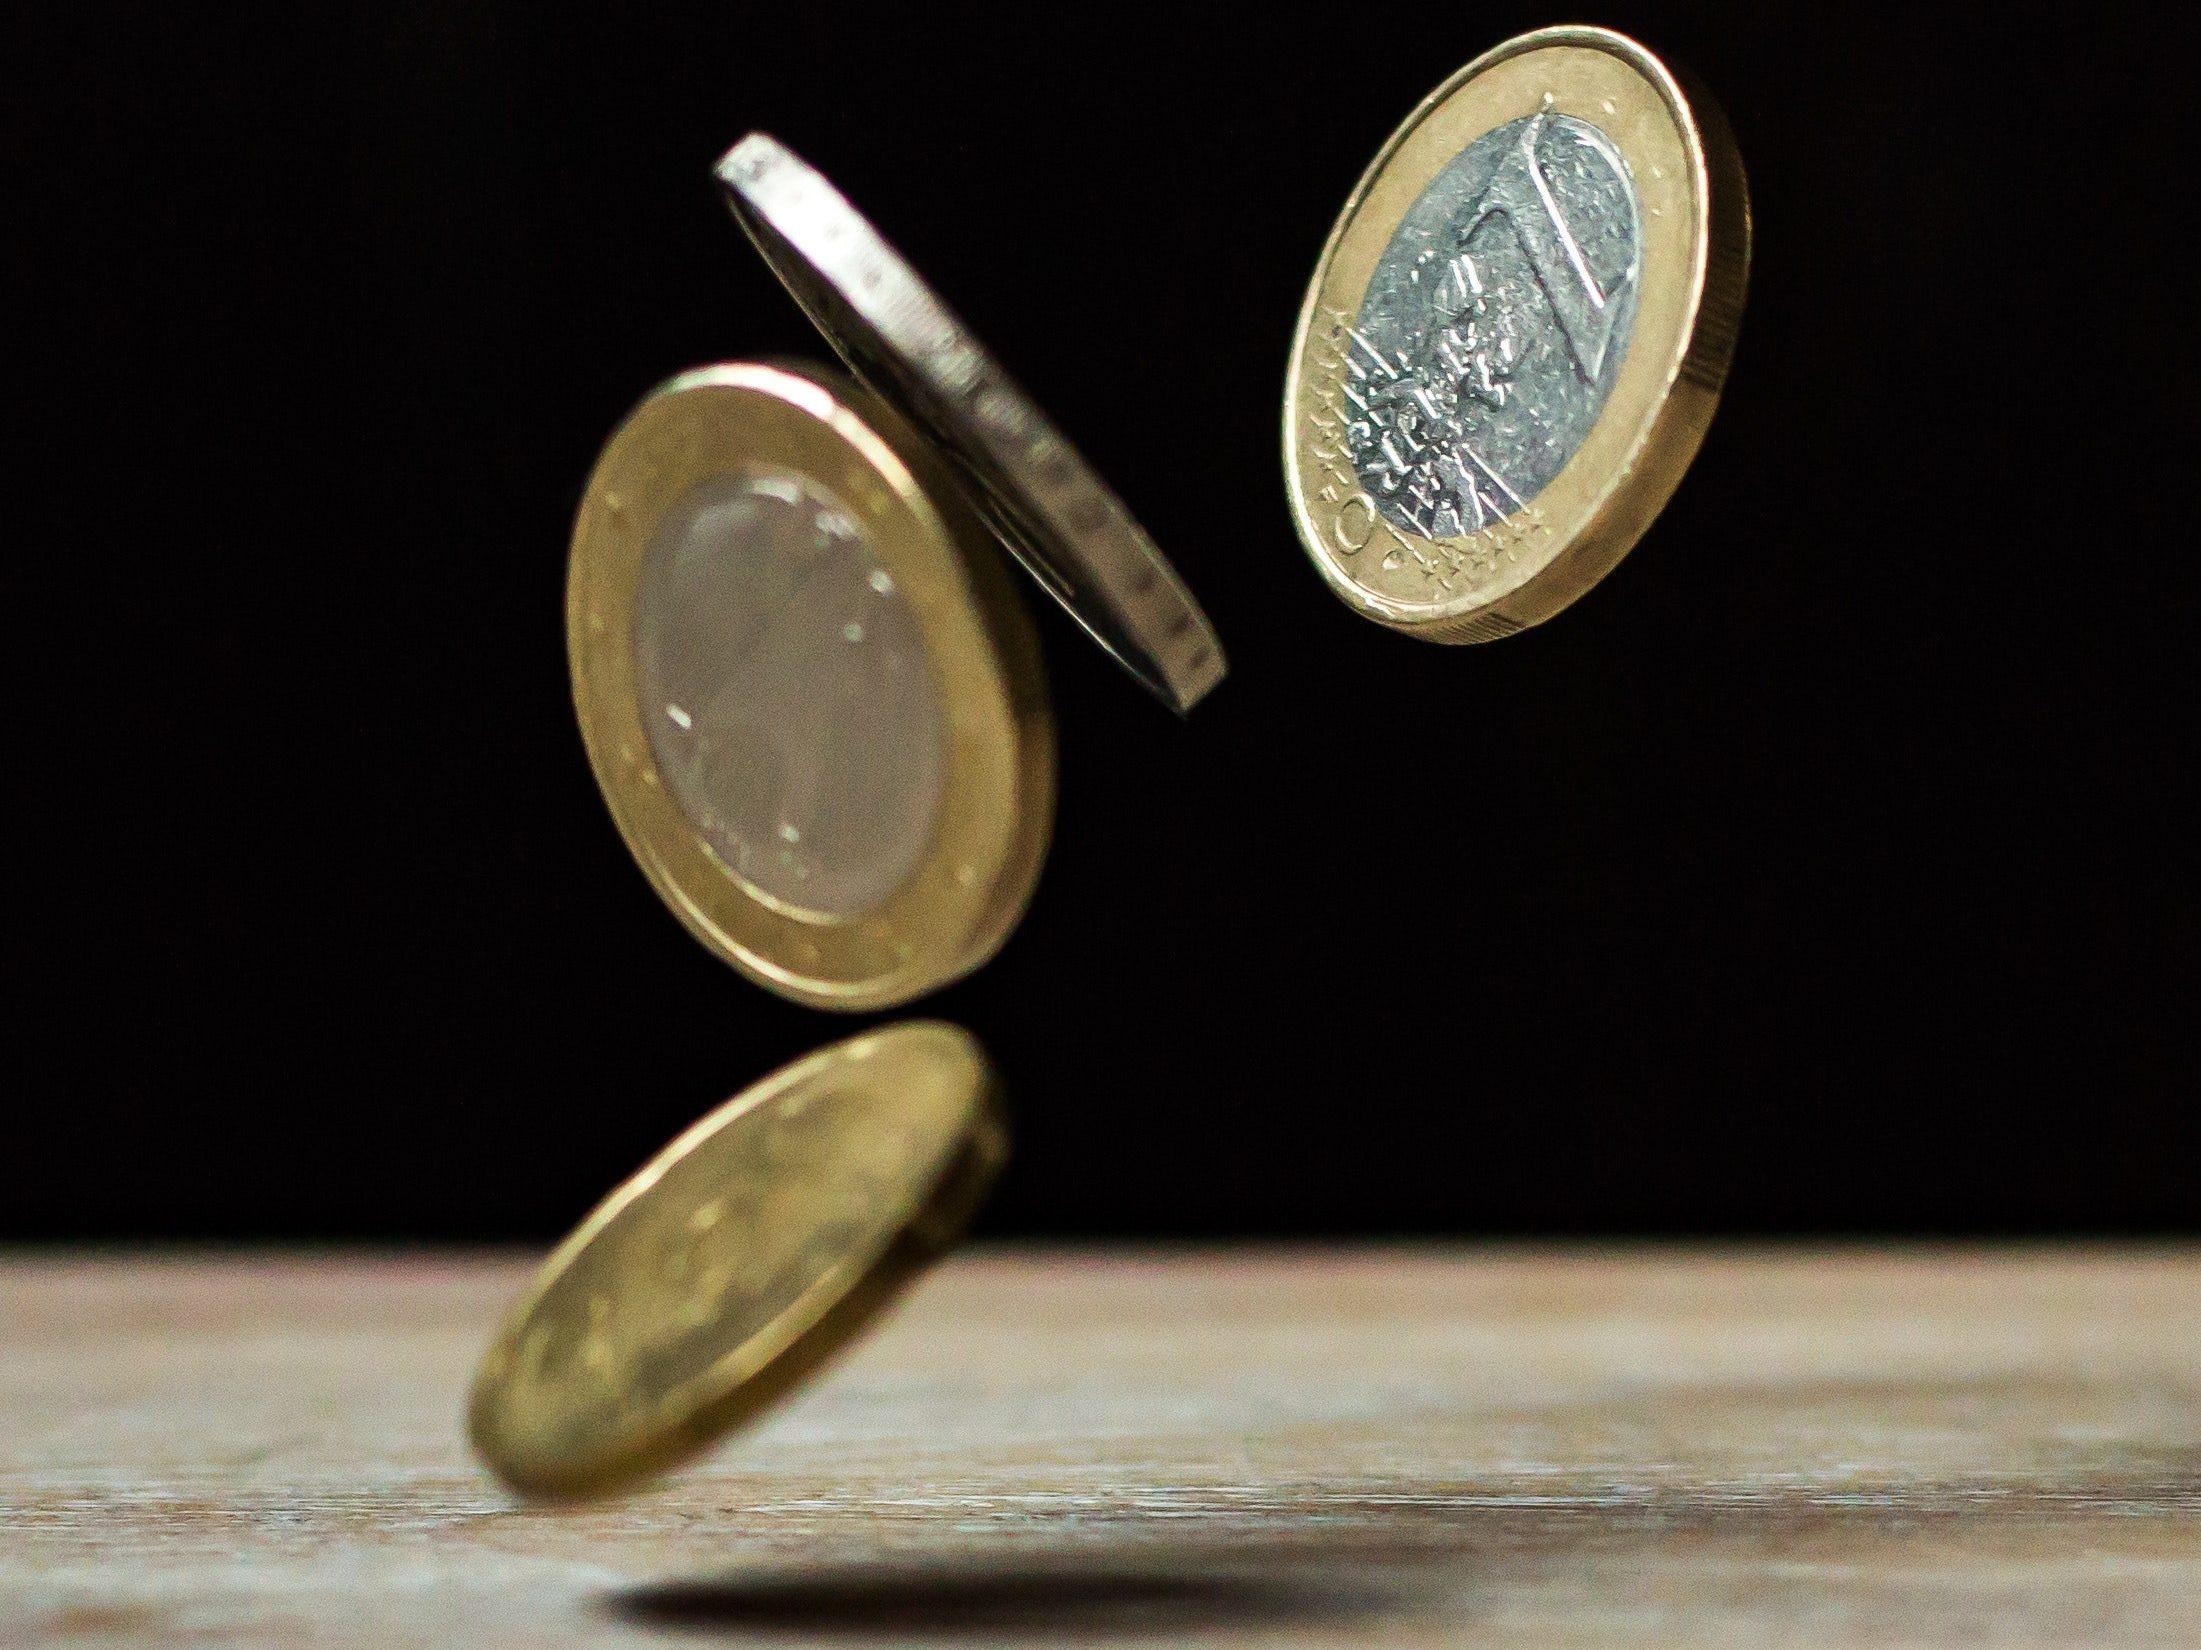 1-Euro-Münzen fallen auf einen Holztisch